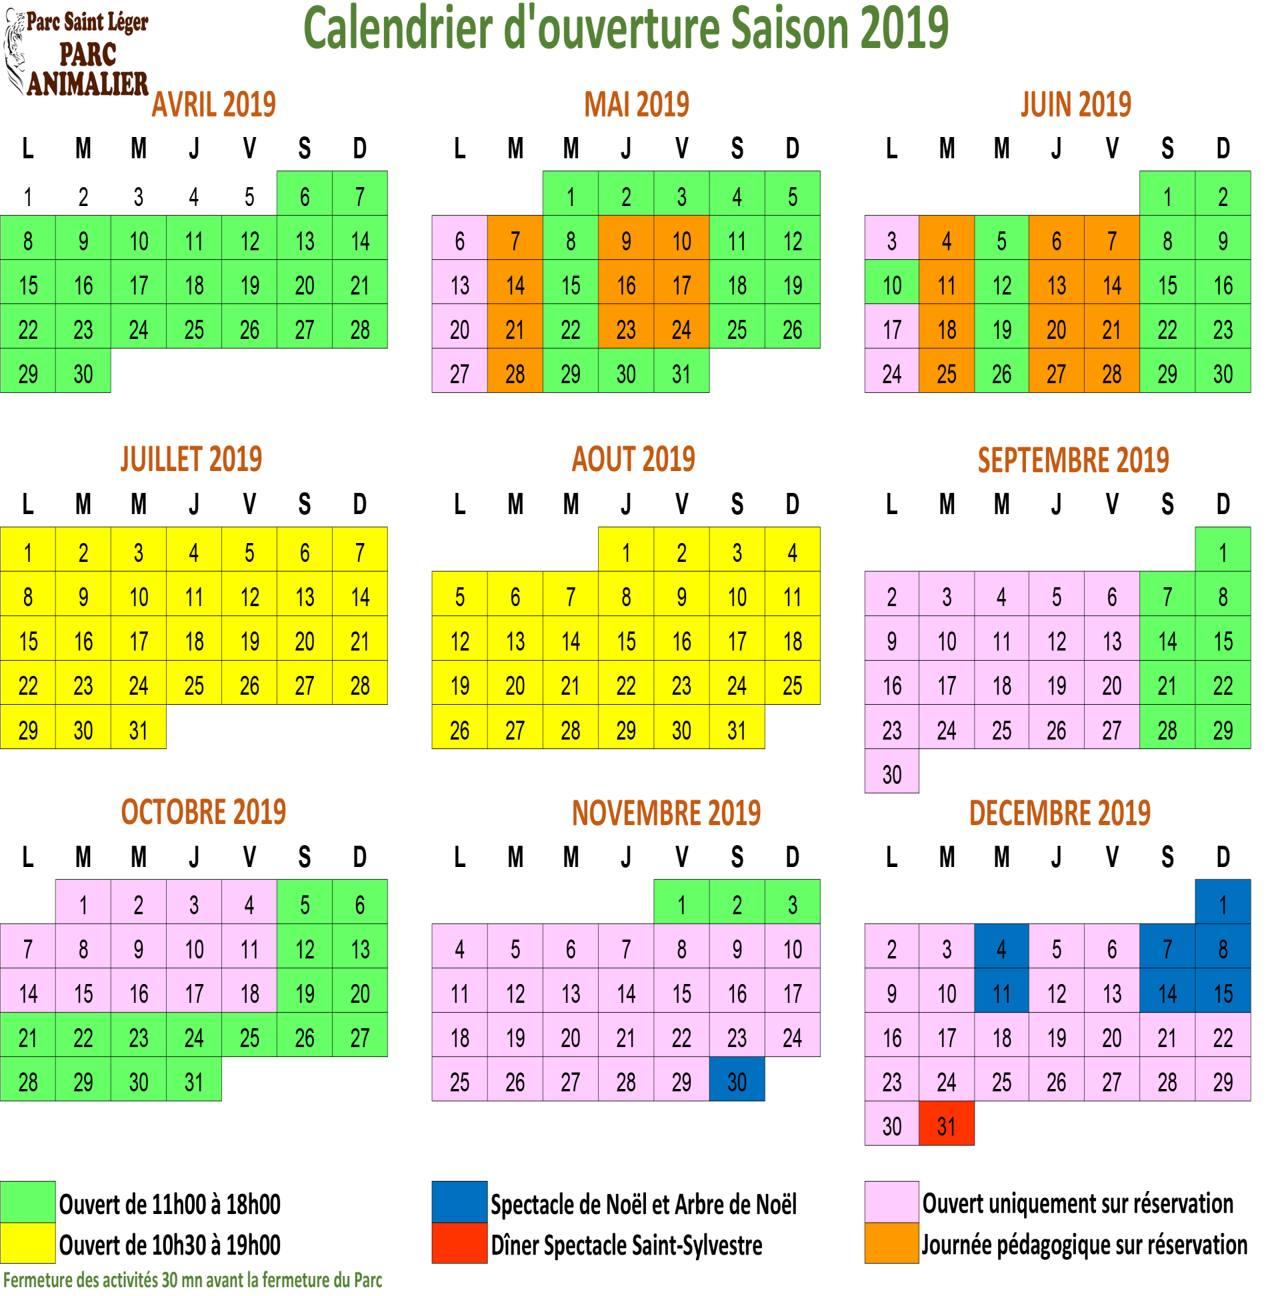 Calendrier Des Saints Et Des Prenoms.Calendrier D Ouverture Parc Saint Leger Parc Animalier